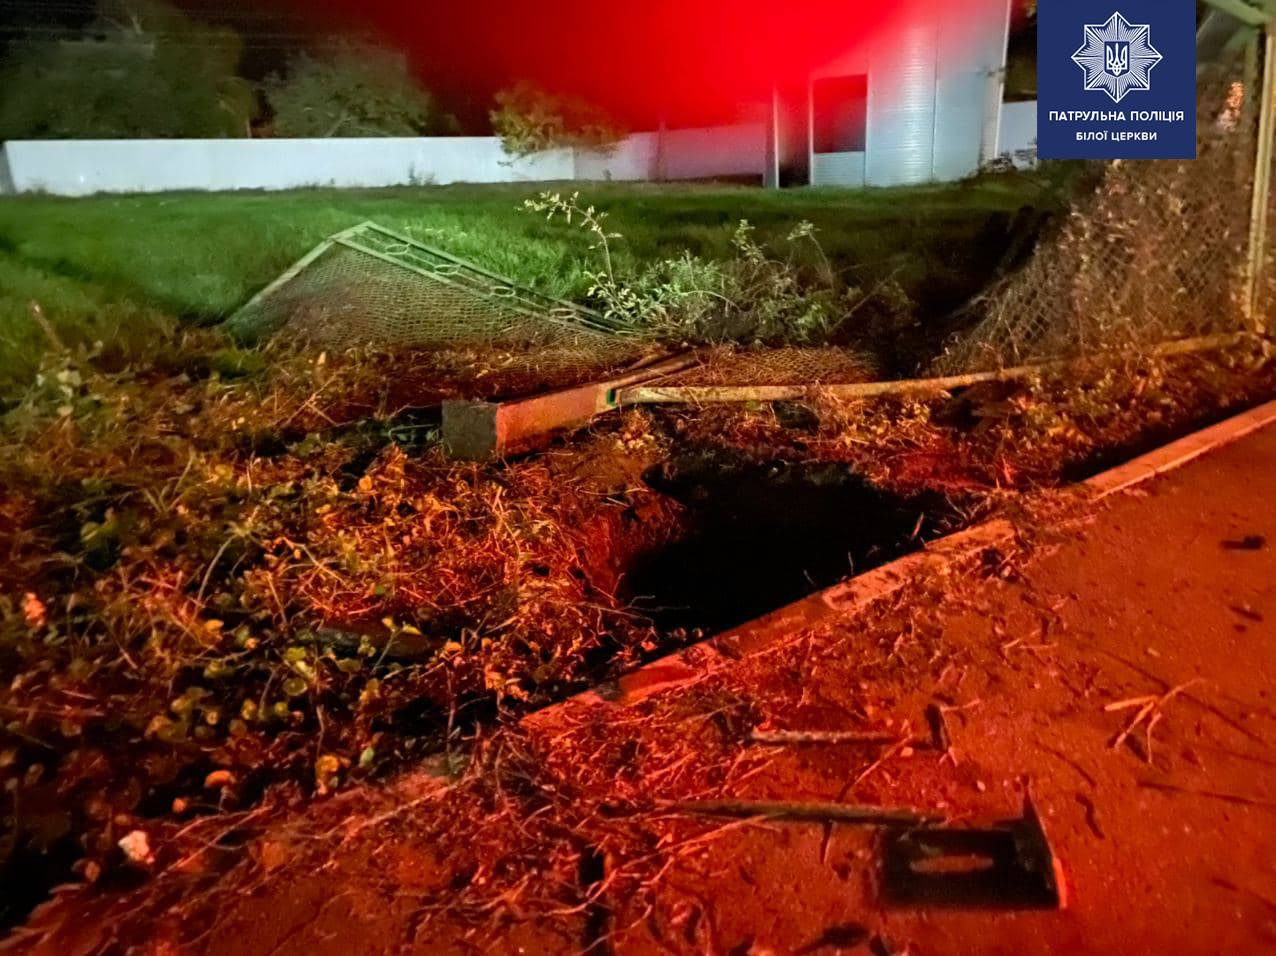 Причетний до наркозлочинів житель Київщини попався завдяки паркану -  - 123946049 1831159460384439 7986193496398488053 o